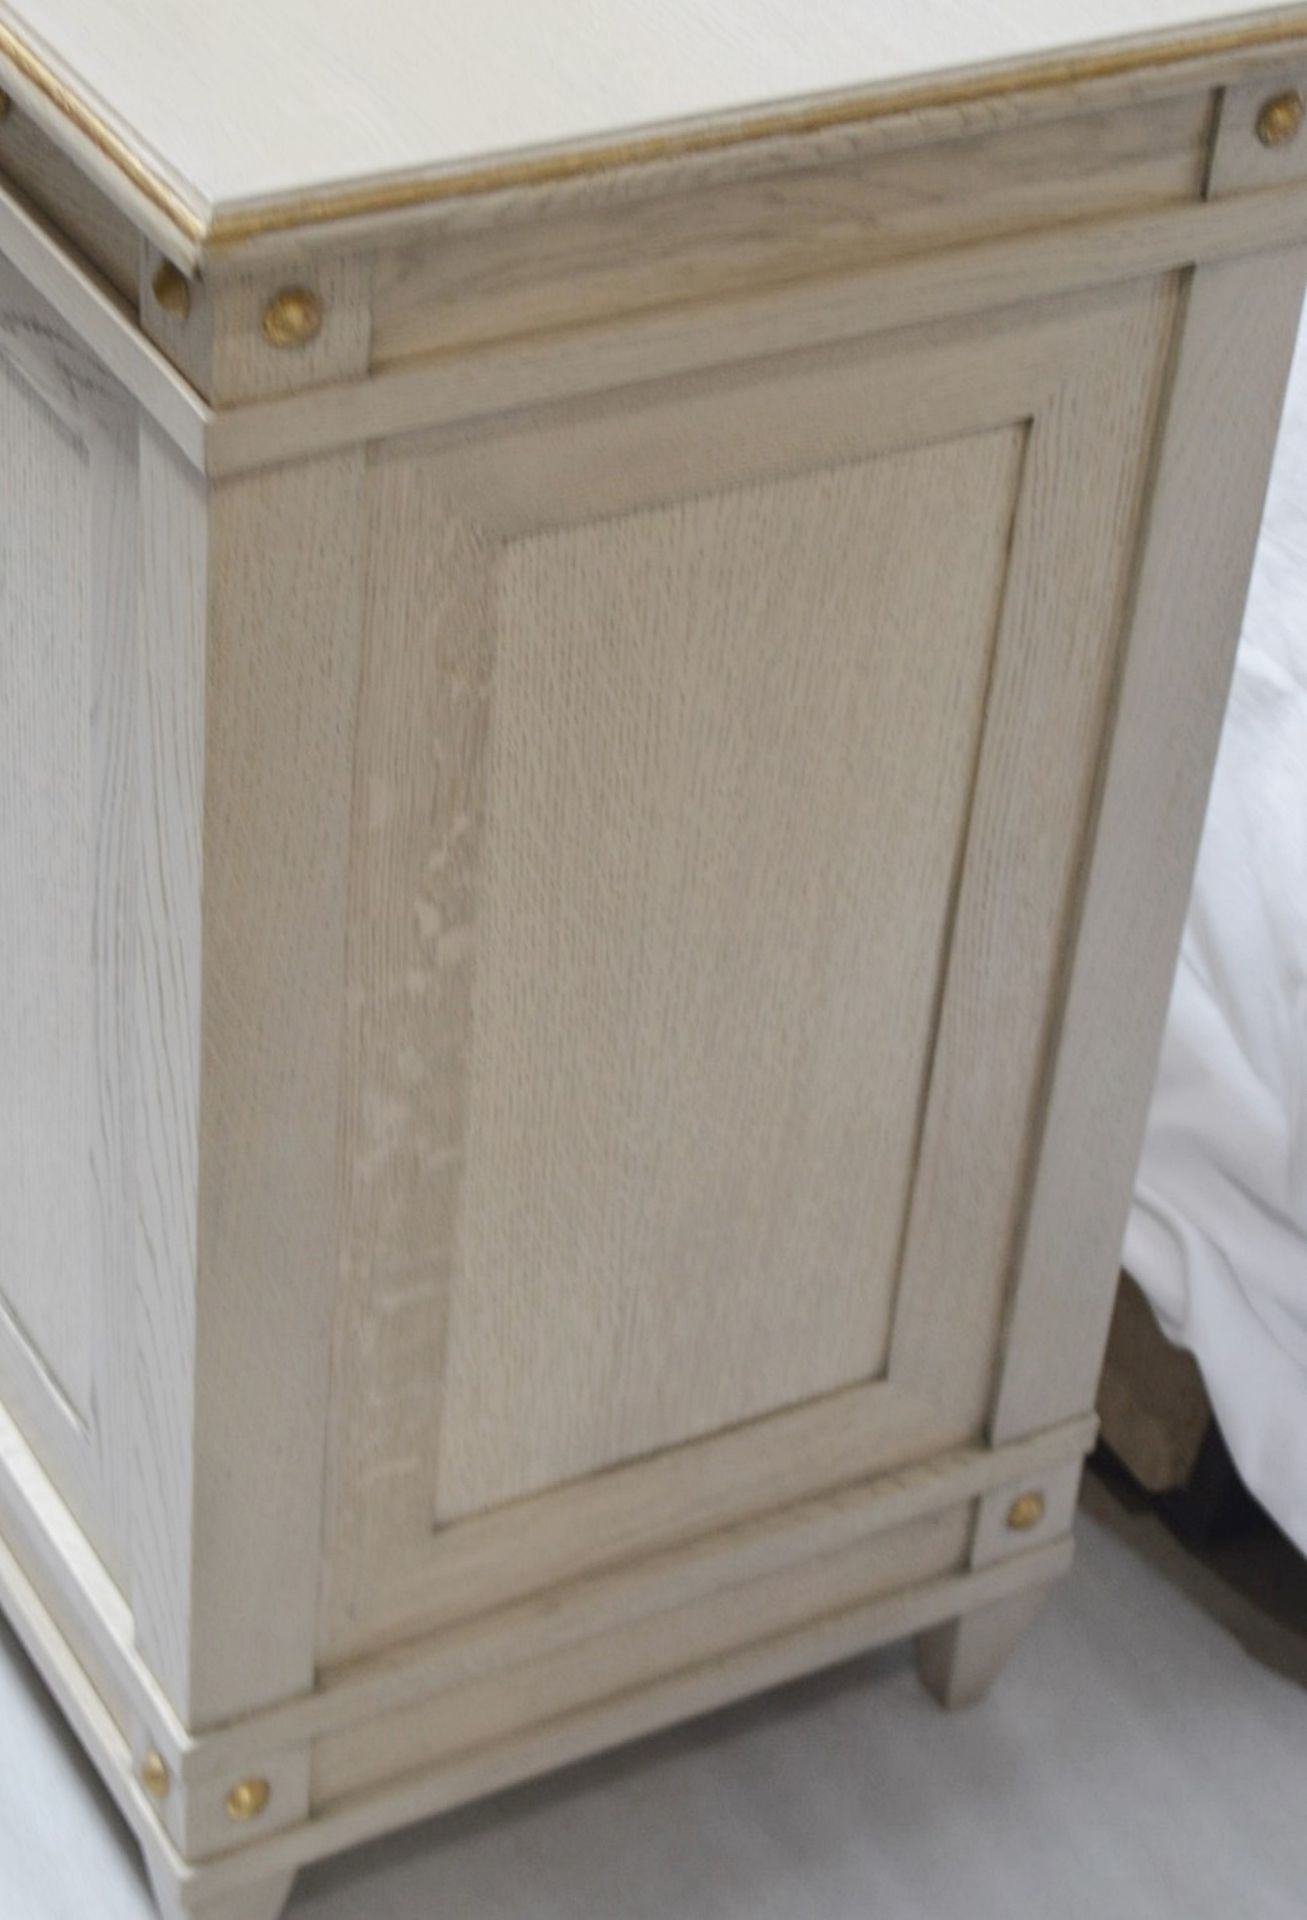 1 x JUSTIN VAN BREDA 'Monty' DesignerRegency-inspired3-Door Sideboard - Original RRP £9,700 - Image 12 of 16